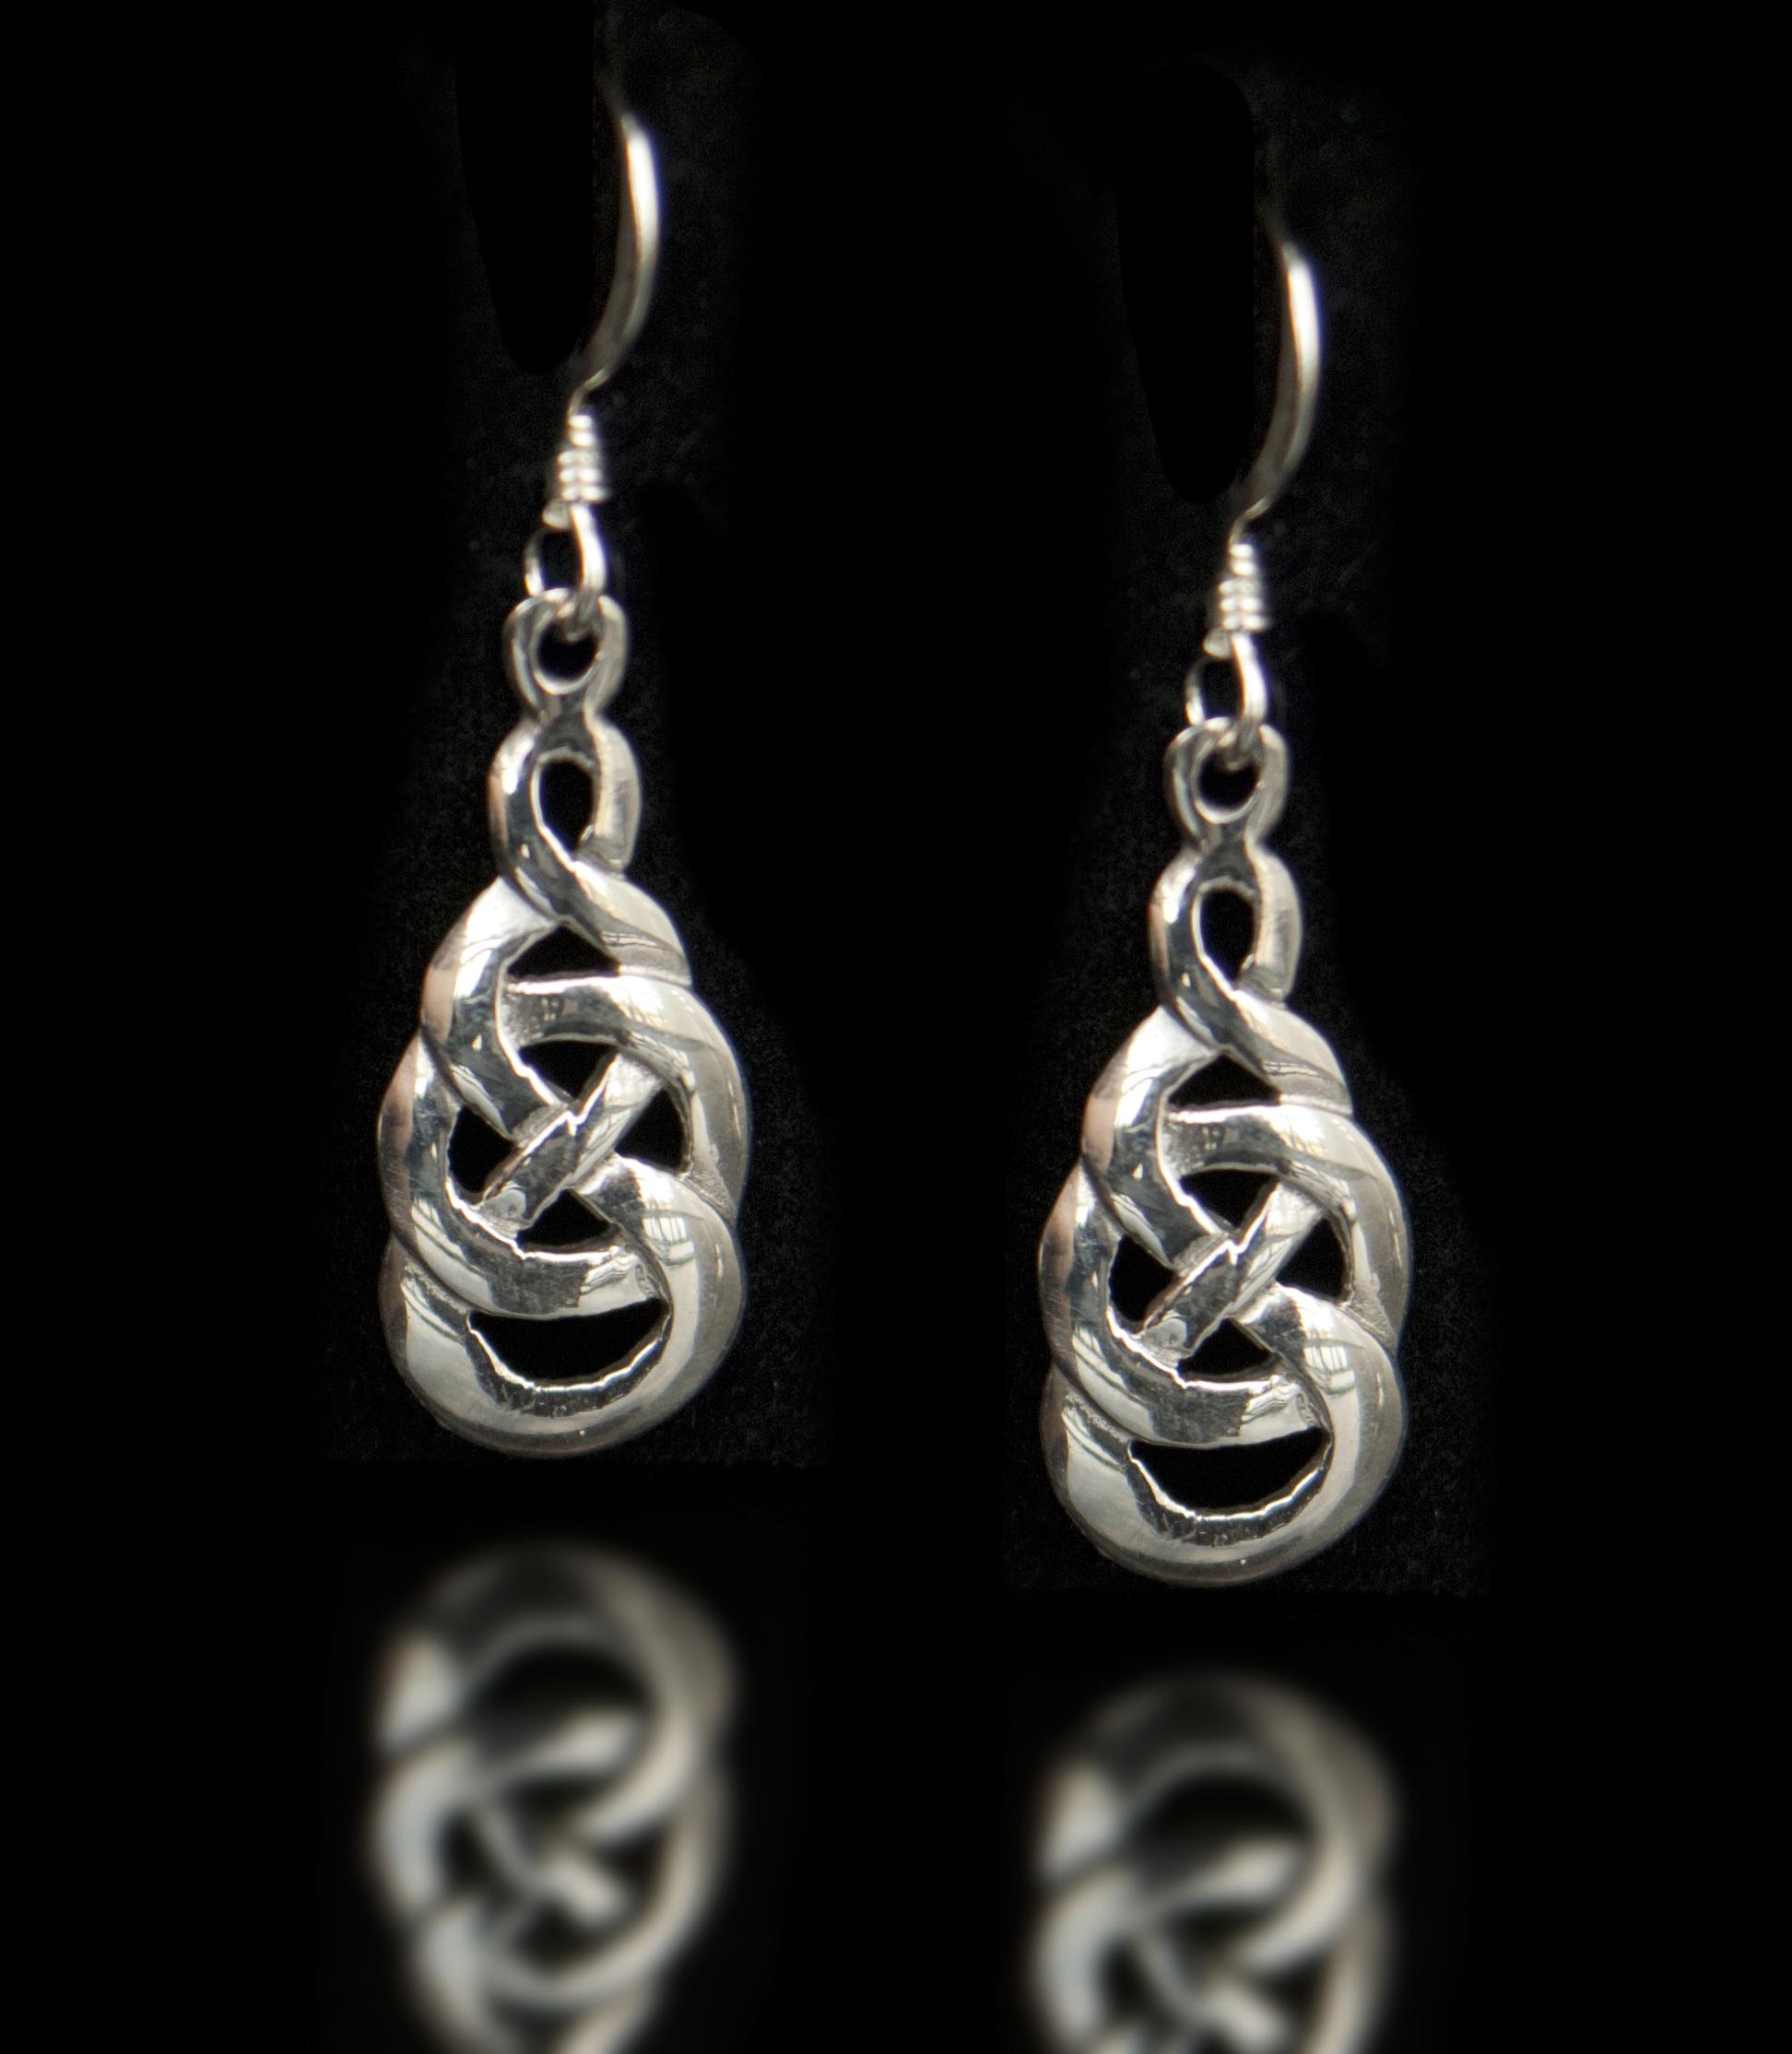 Cladagh Weding Rings 014 - Cladagh Weding Rings